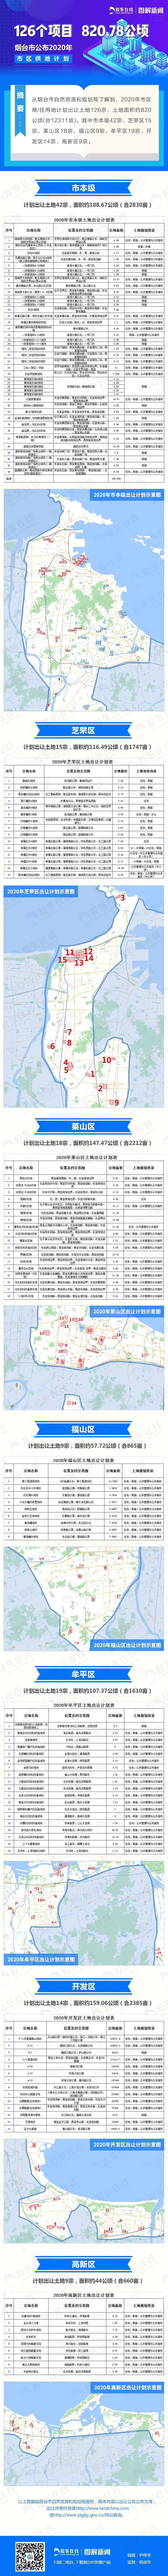 图解:烟台市公布2020年市区供地计划